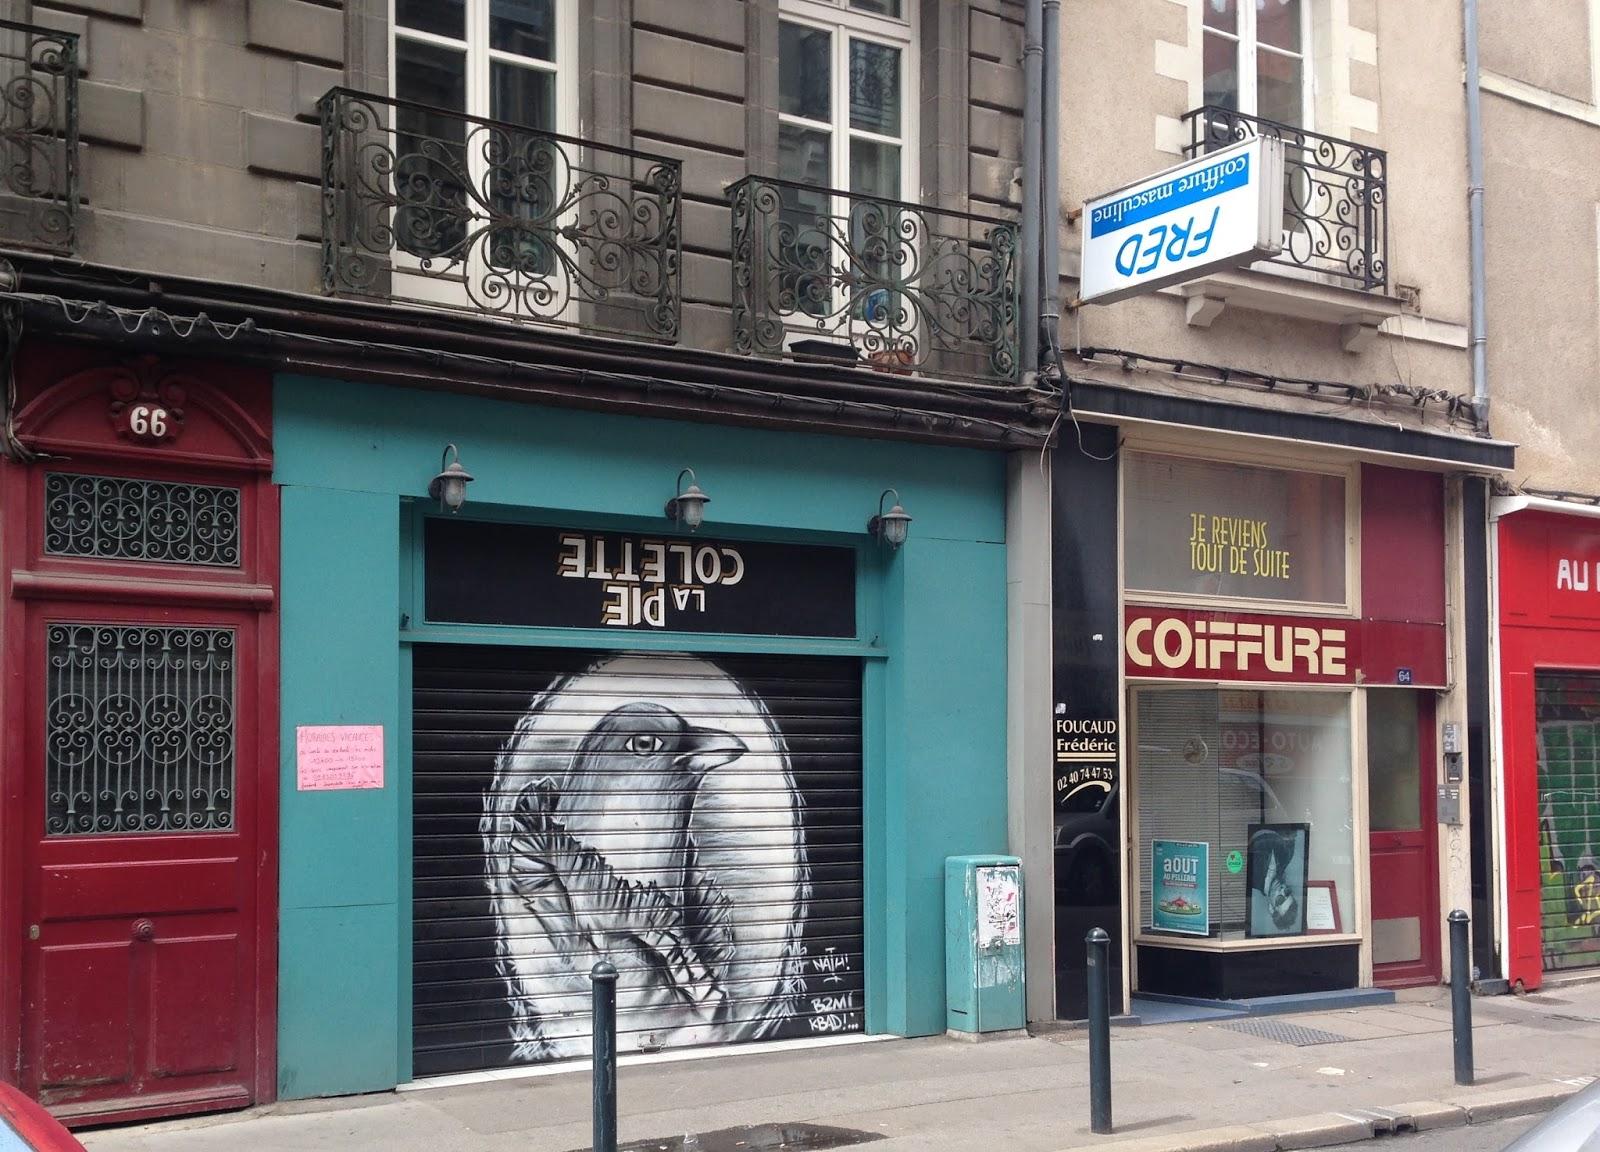 rue maréchal joffre nantes